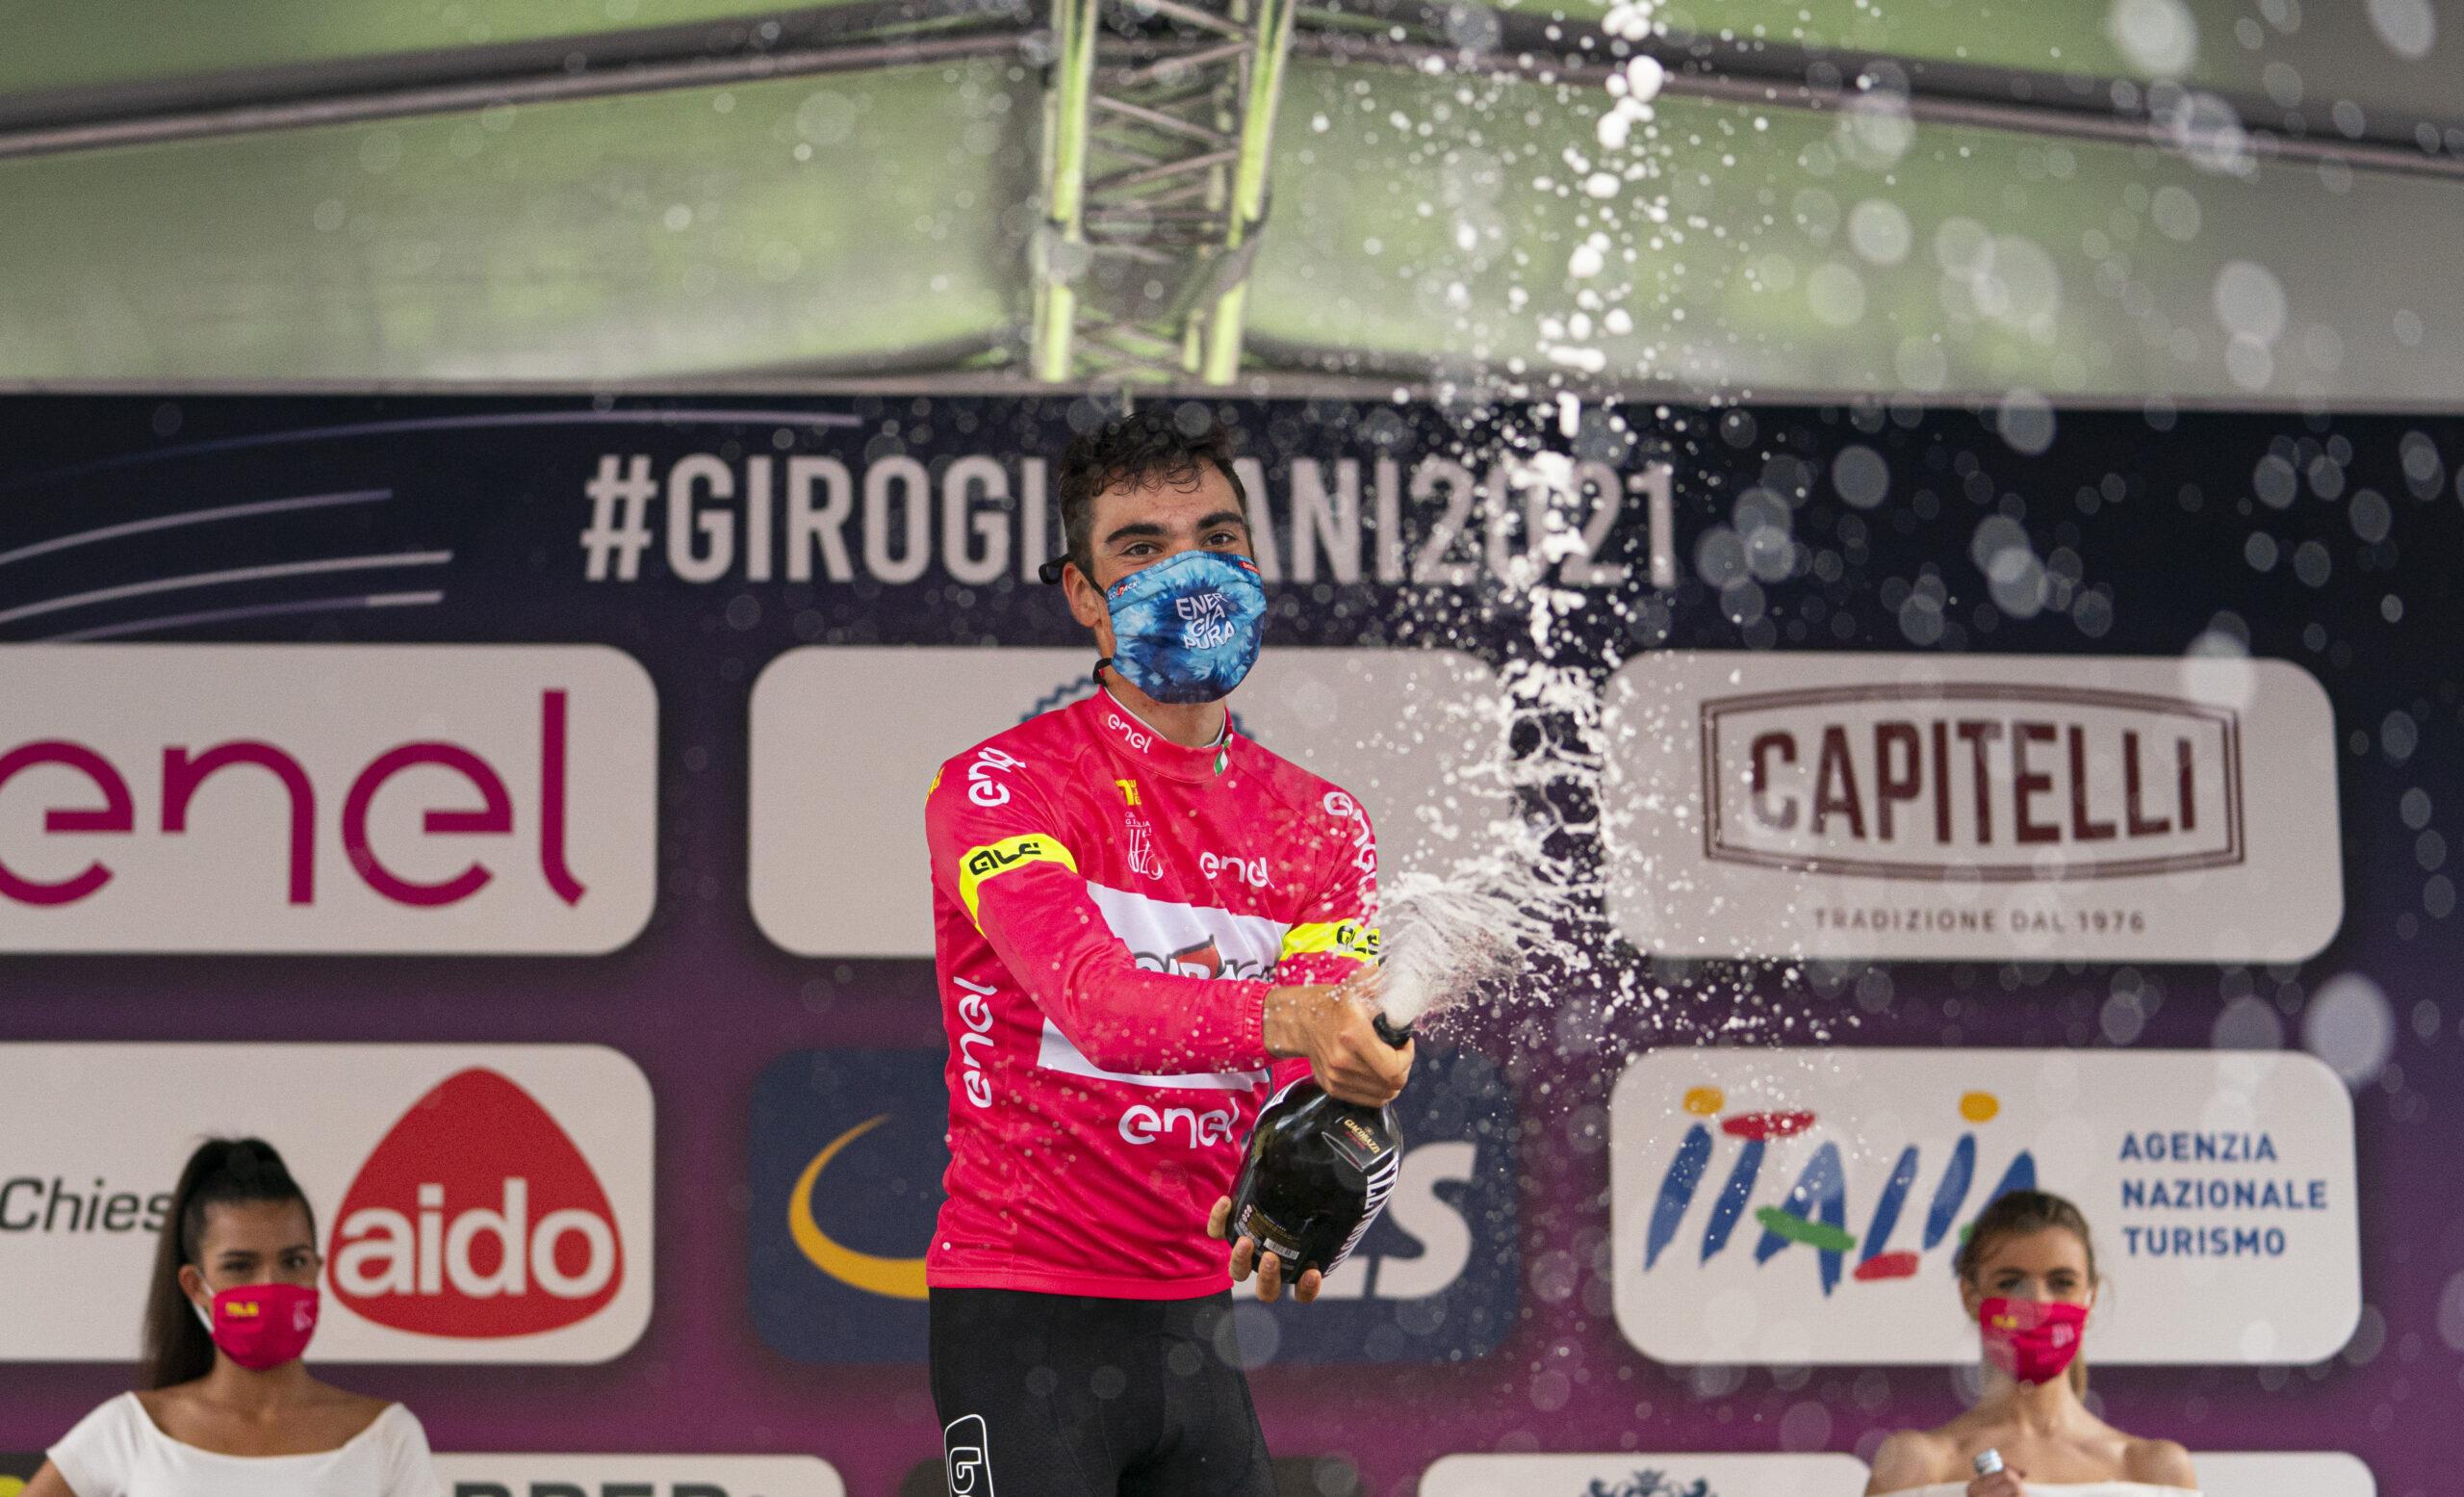 Juan Ayuso si conferma in maglia rosa a San Pellegrino Terme (foto Isolapress)